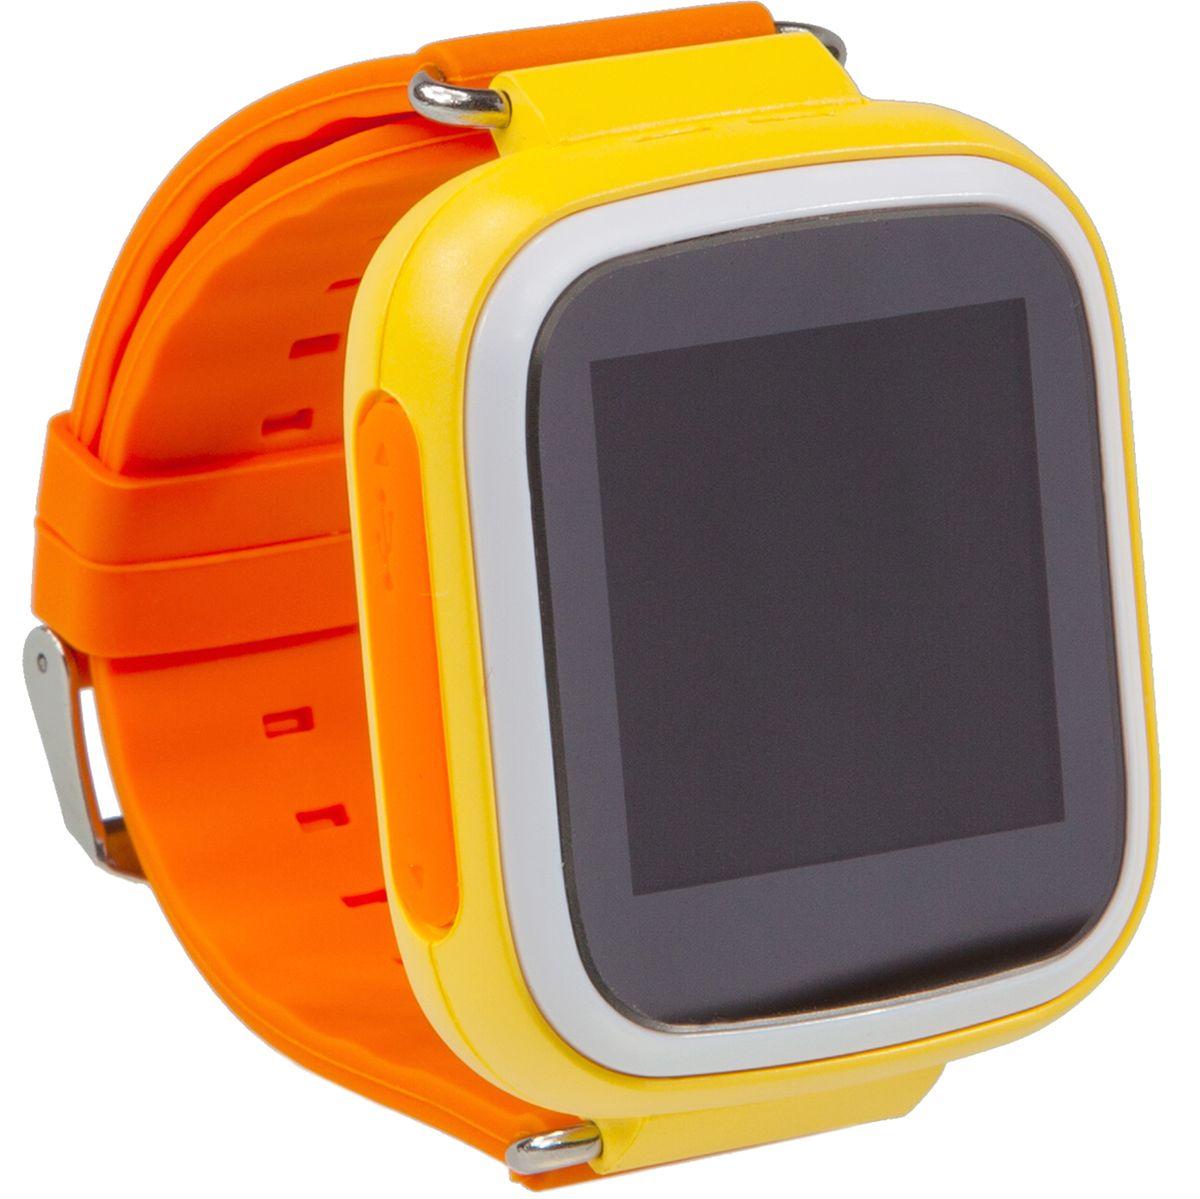 Prolike PLSW523, Orange умные детские часы